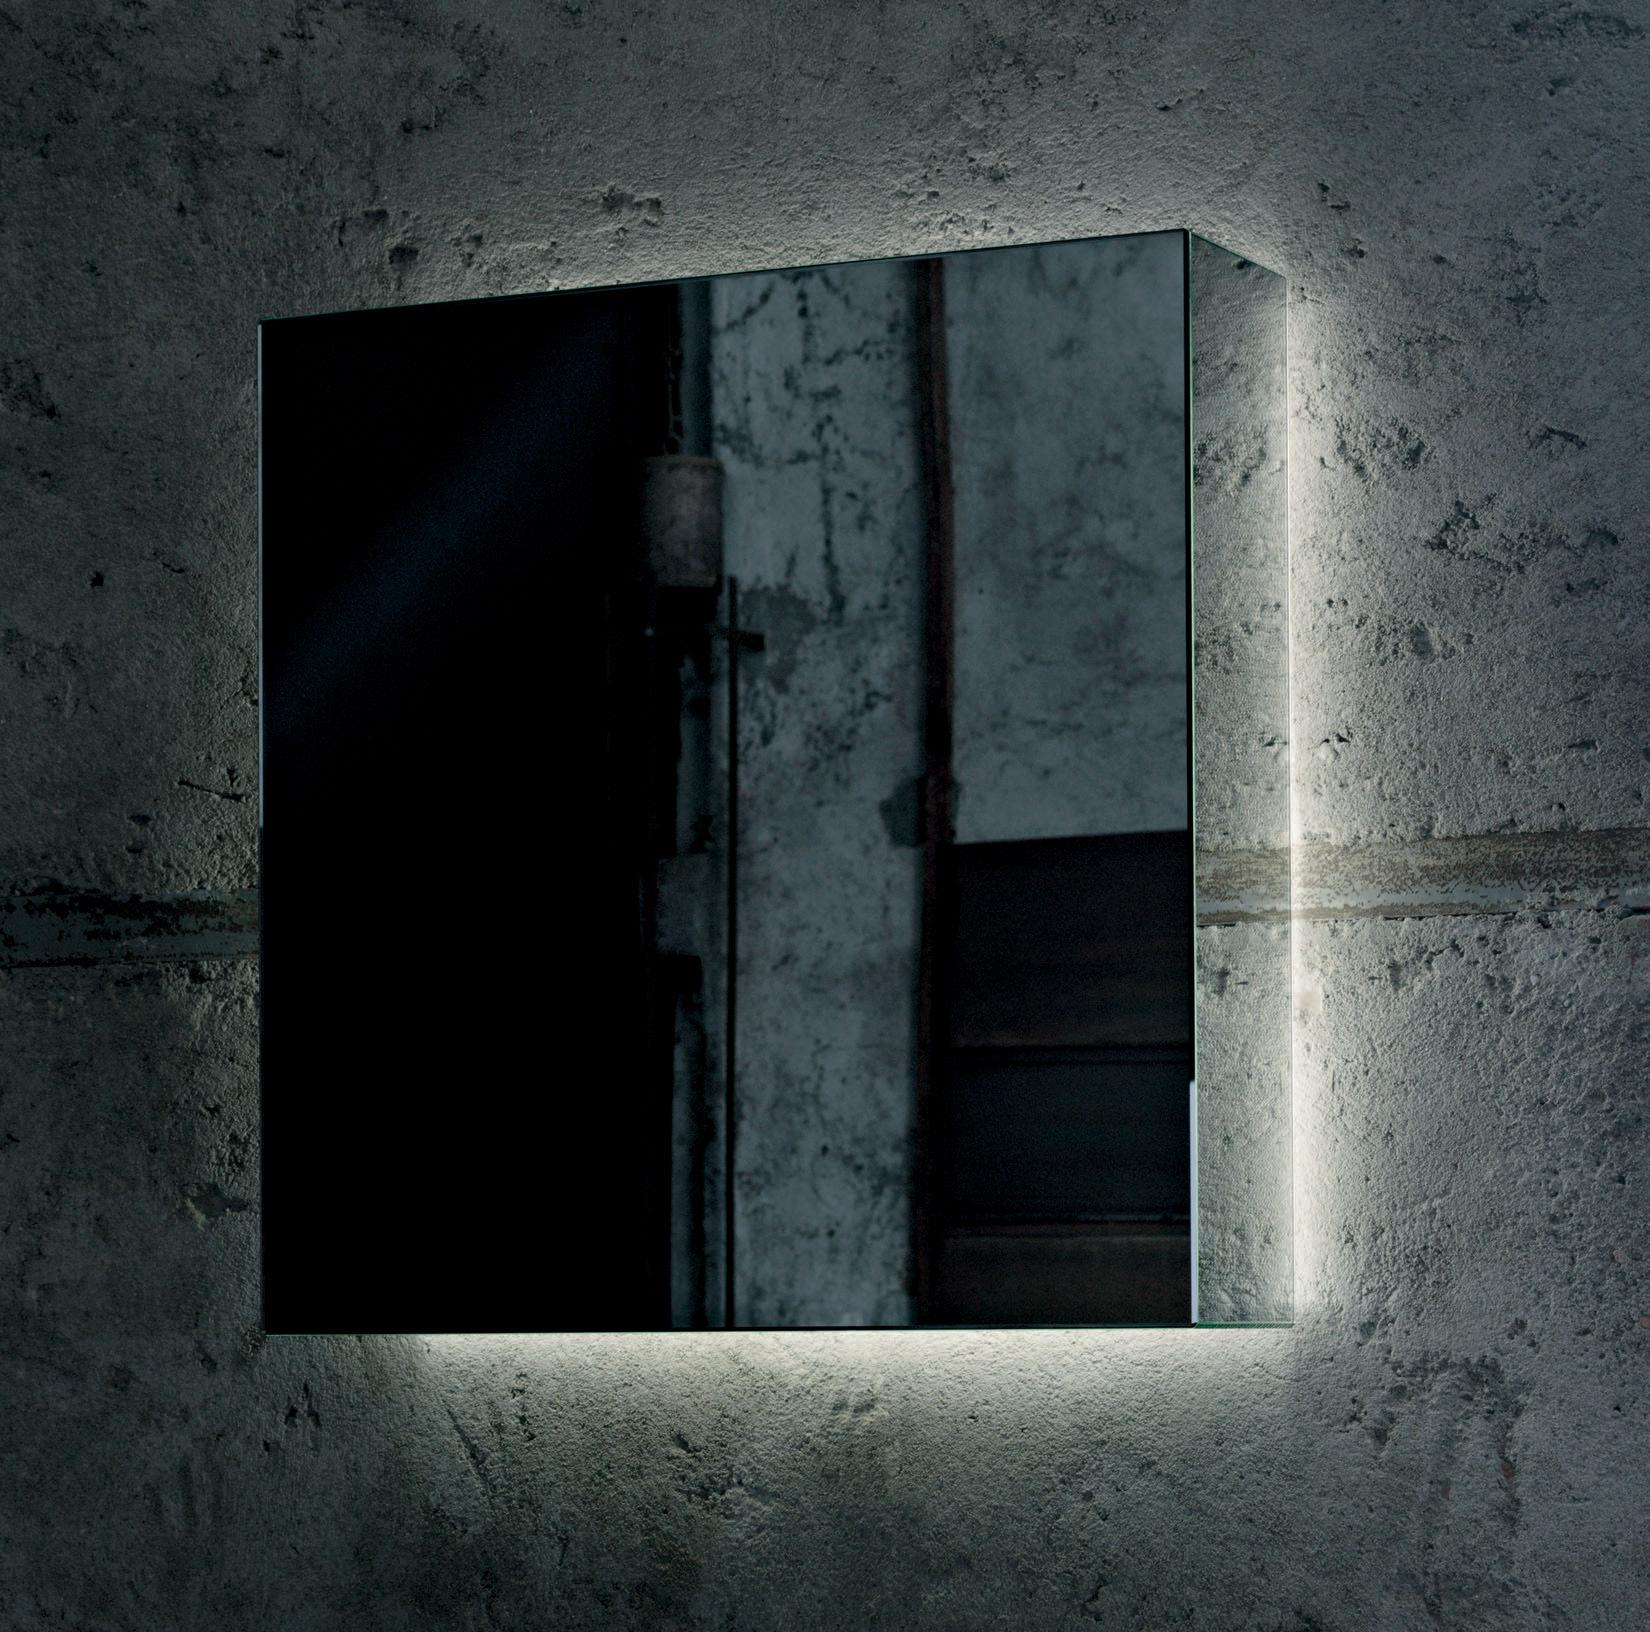 494c940e-6849-41cf-95d1-4e88d4b7d6d4 Stilvolle Spiegel Mit Integrierter Beleuchtung Dekorationen